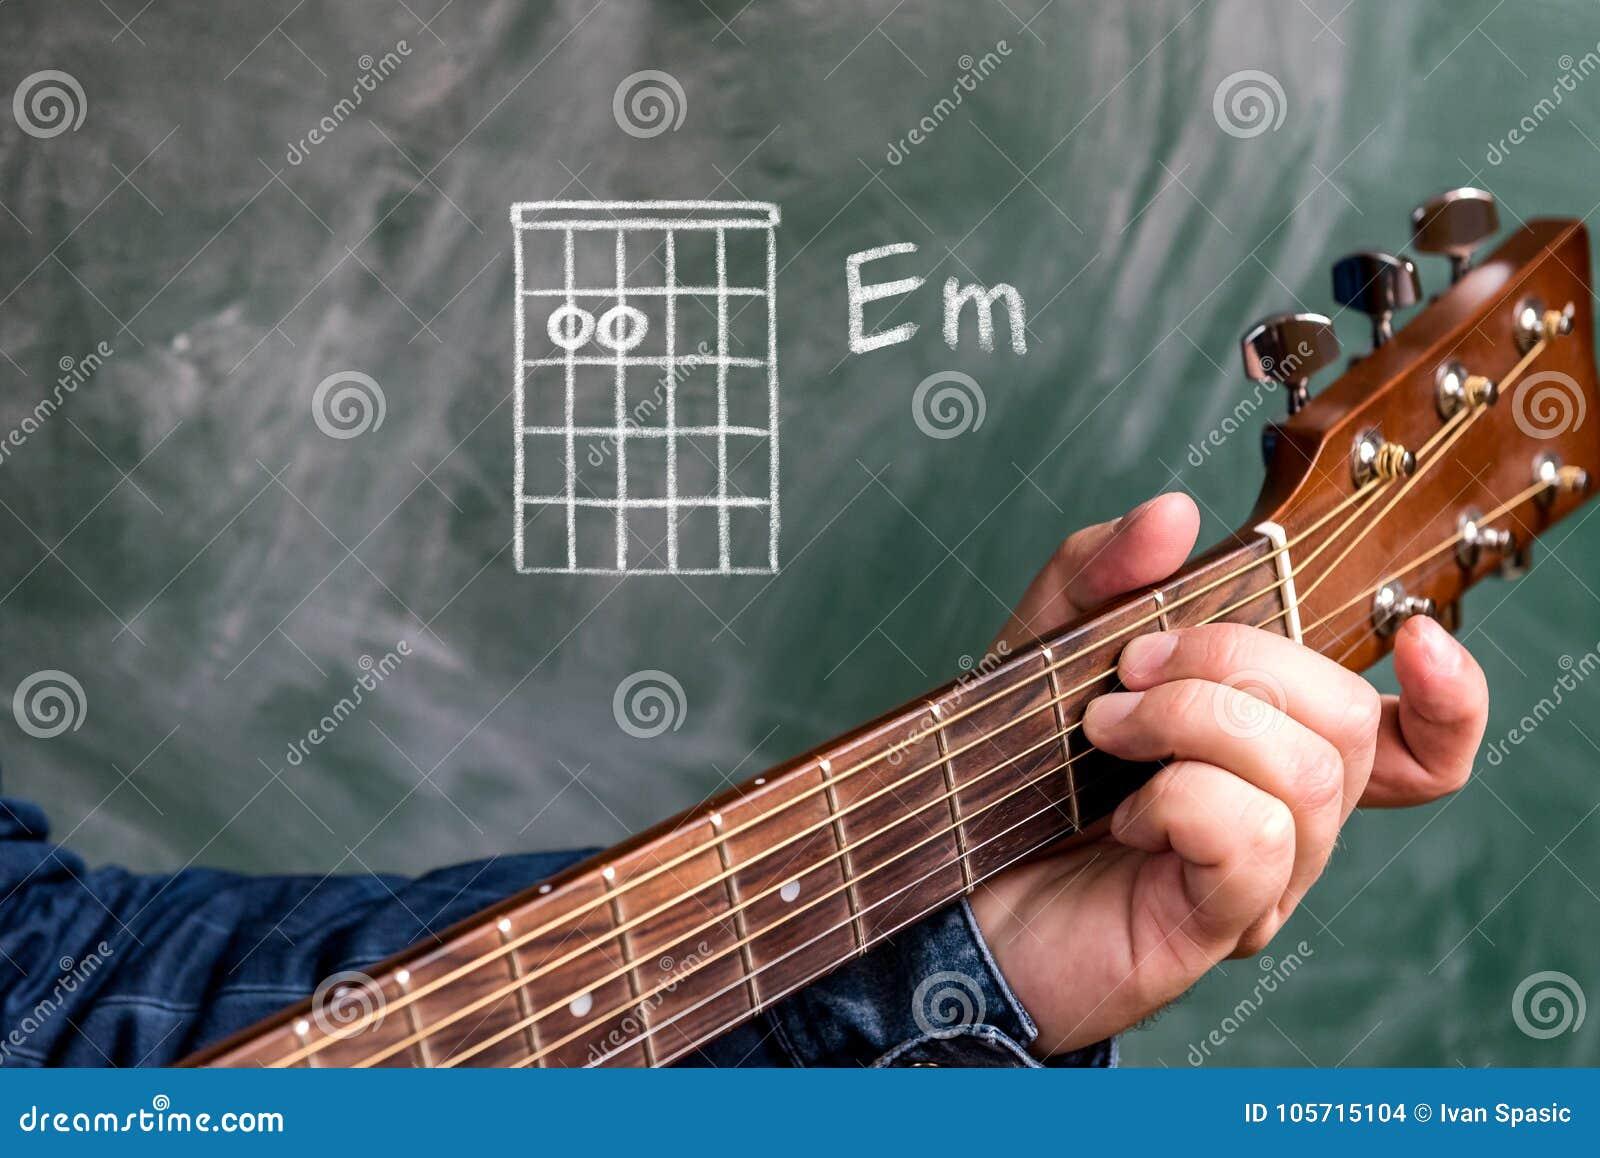 Equipe o jogo das cordas da guitarra indicadas em um quadro negro